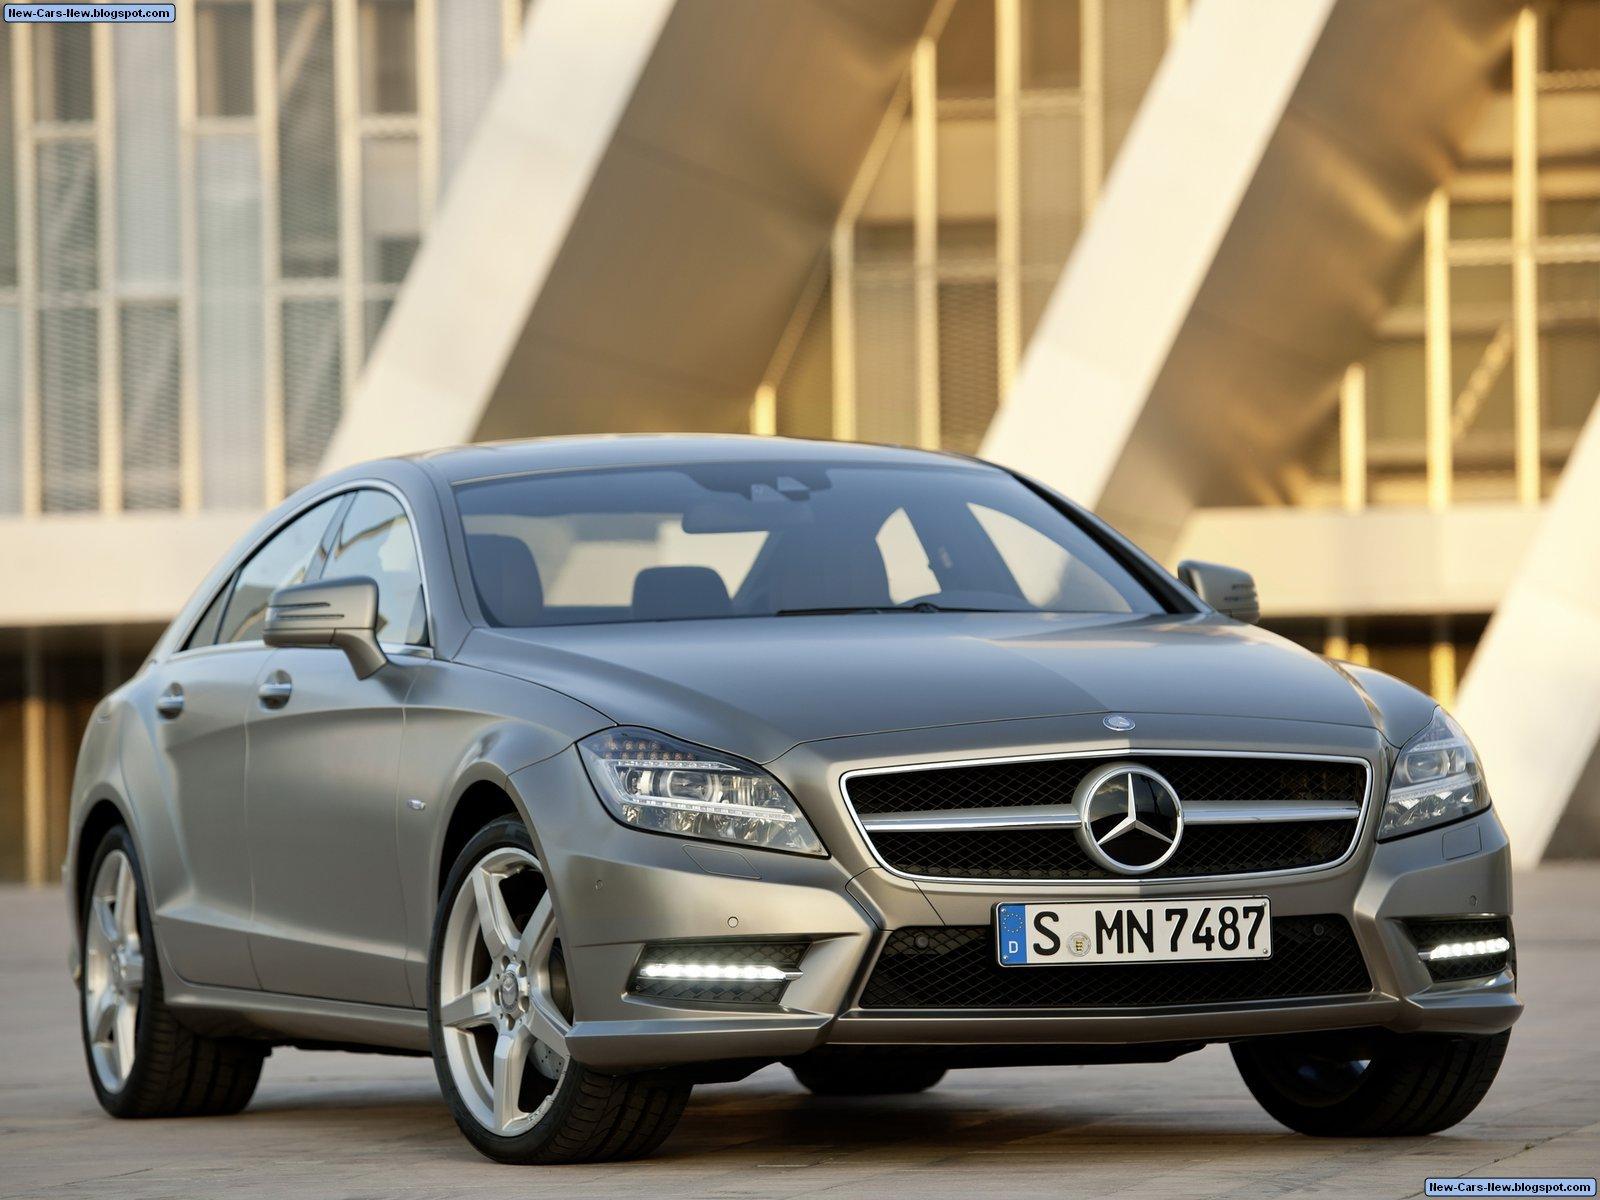 Mercedes Benz Cls Class X Wallpaper